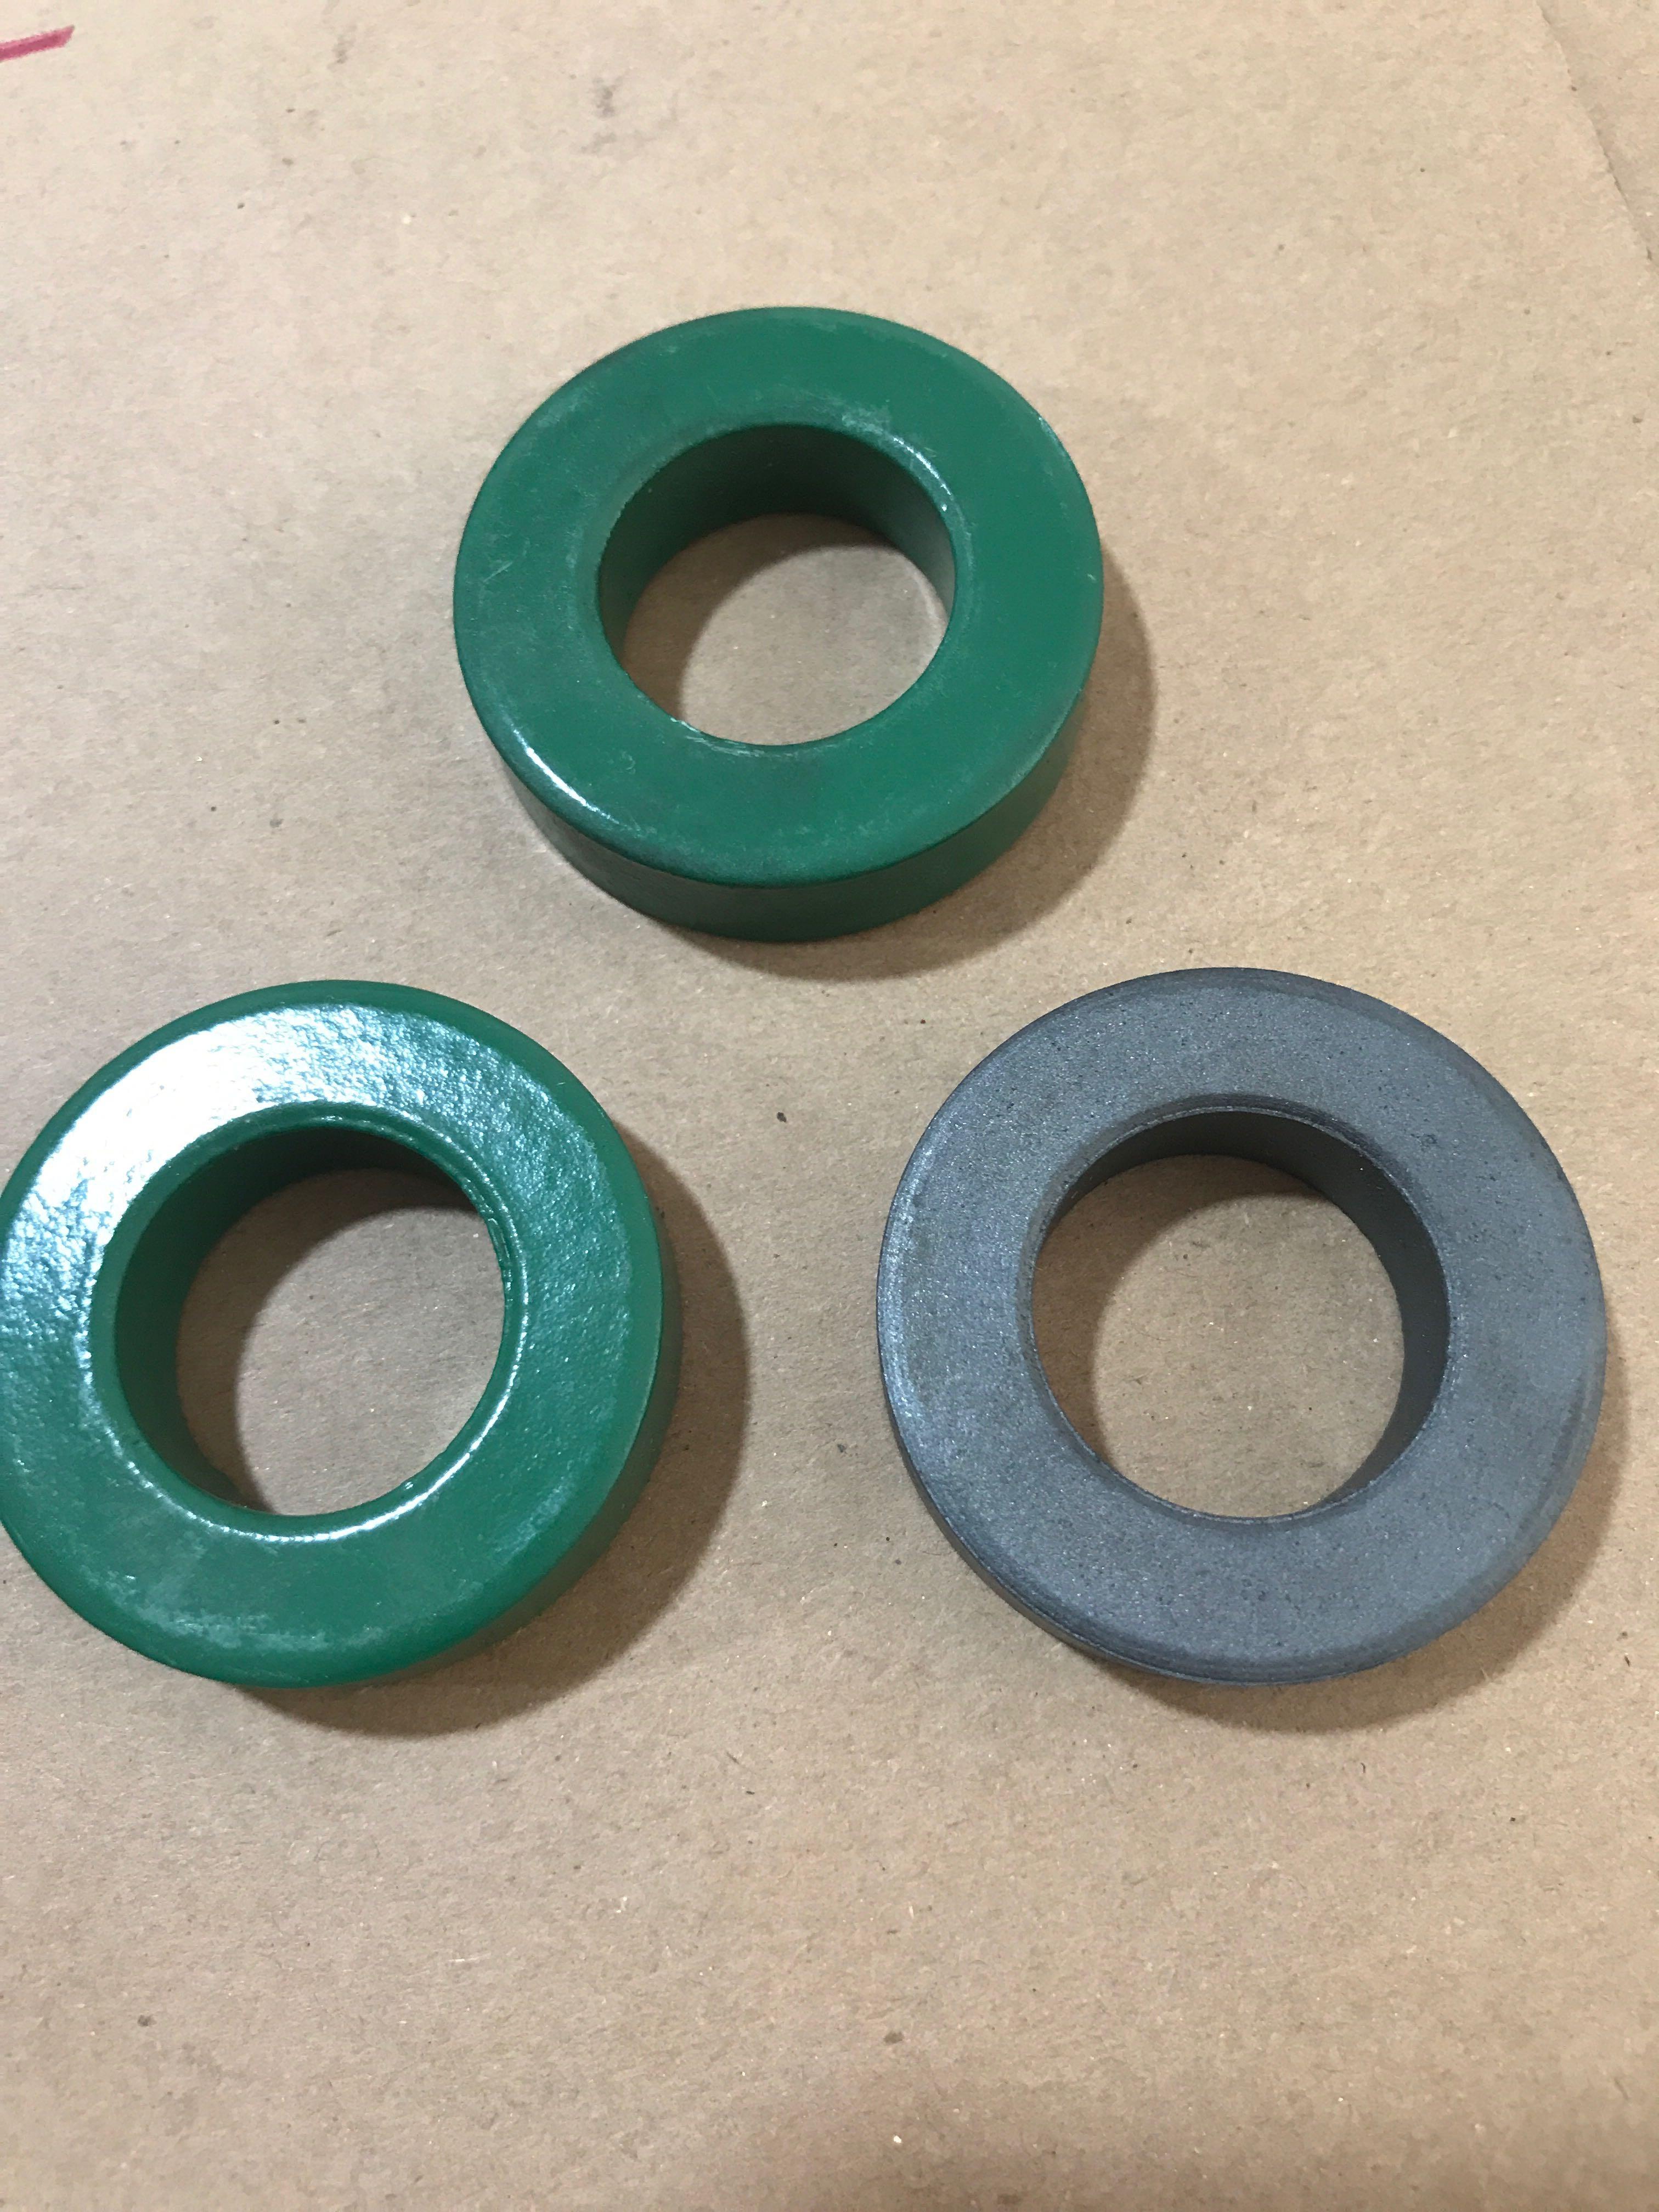 indukcijska tuljava mz transformator vmešavanja v zaščitni filter prstan in prstan 39 22, visokih 10